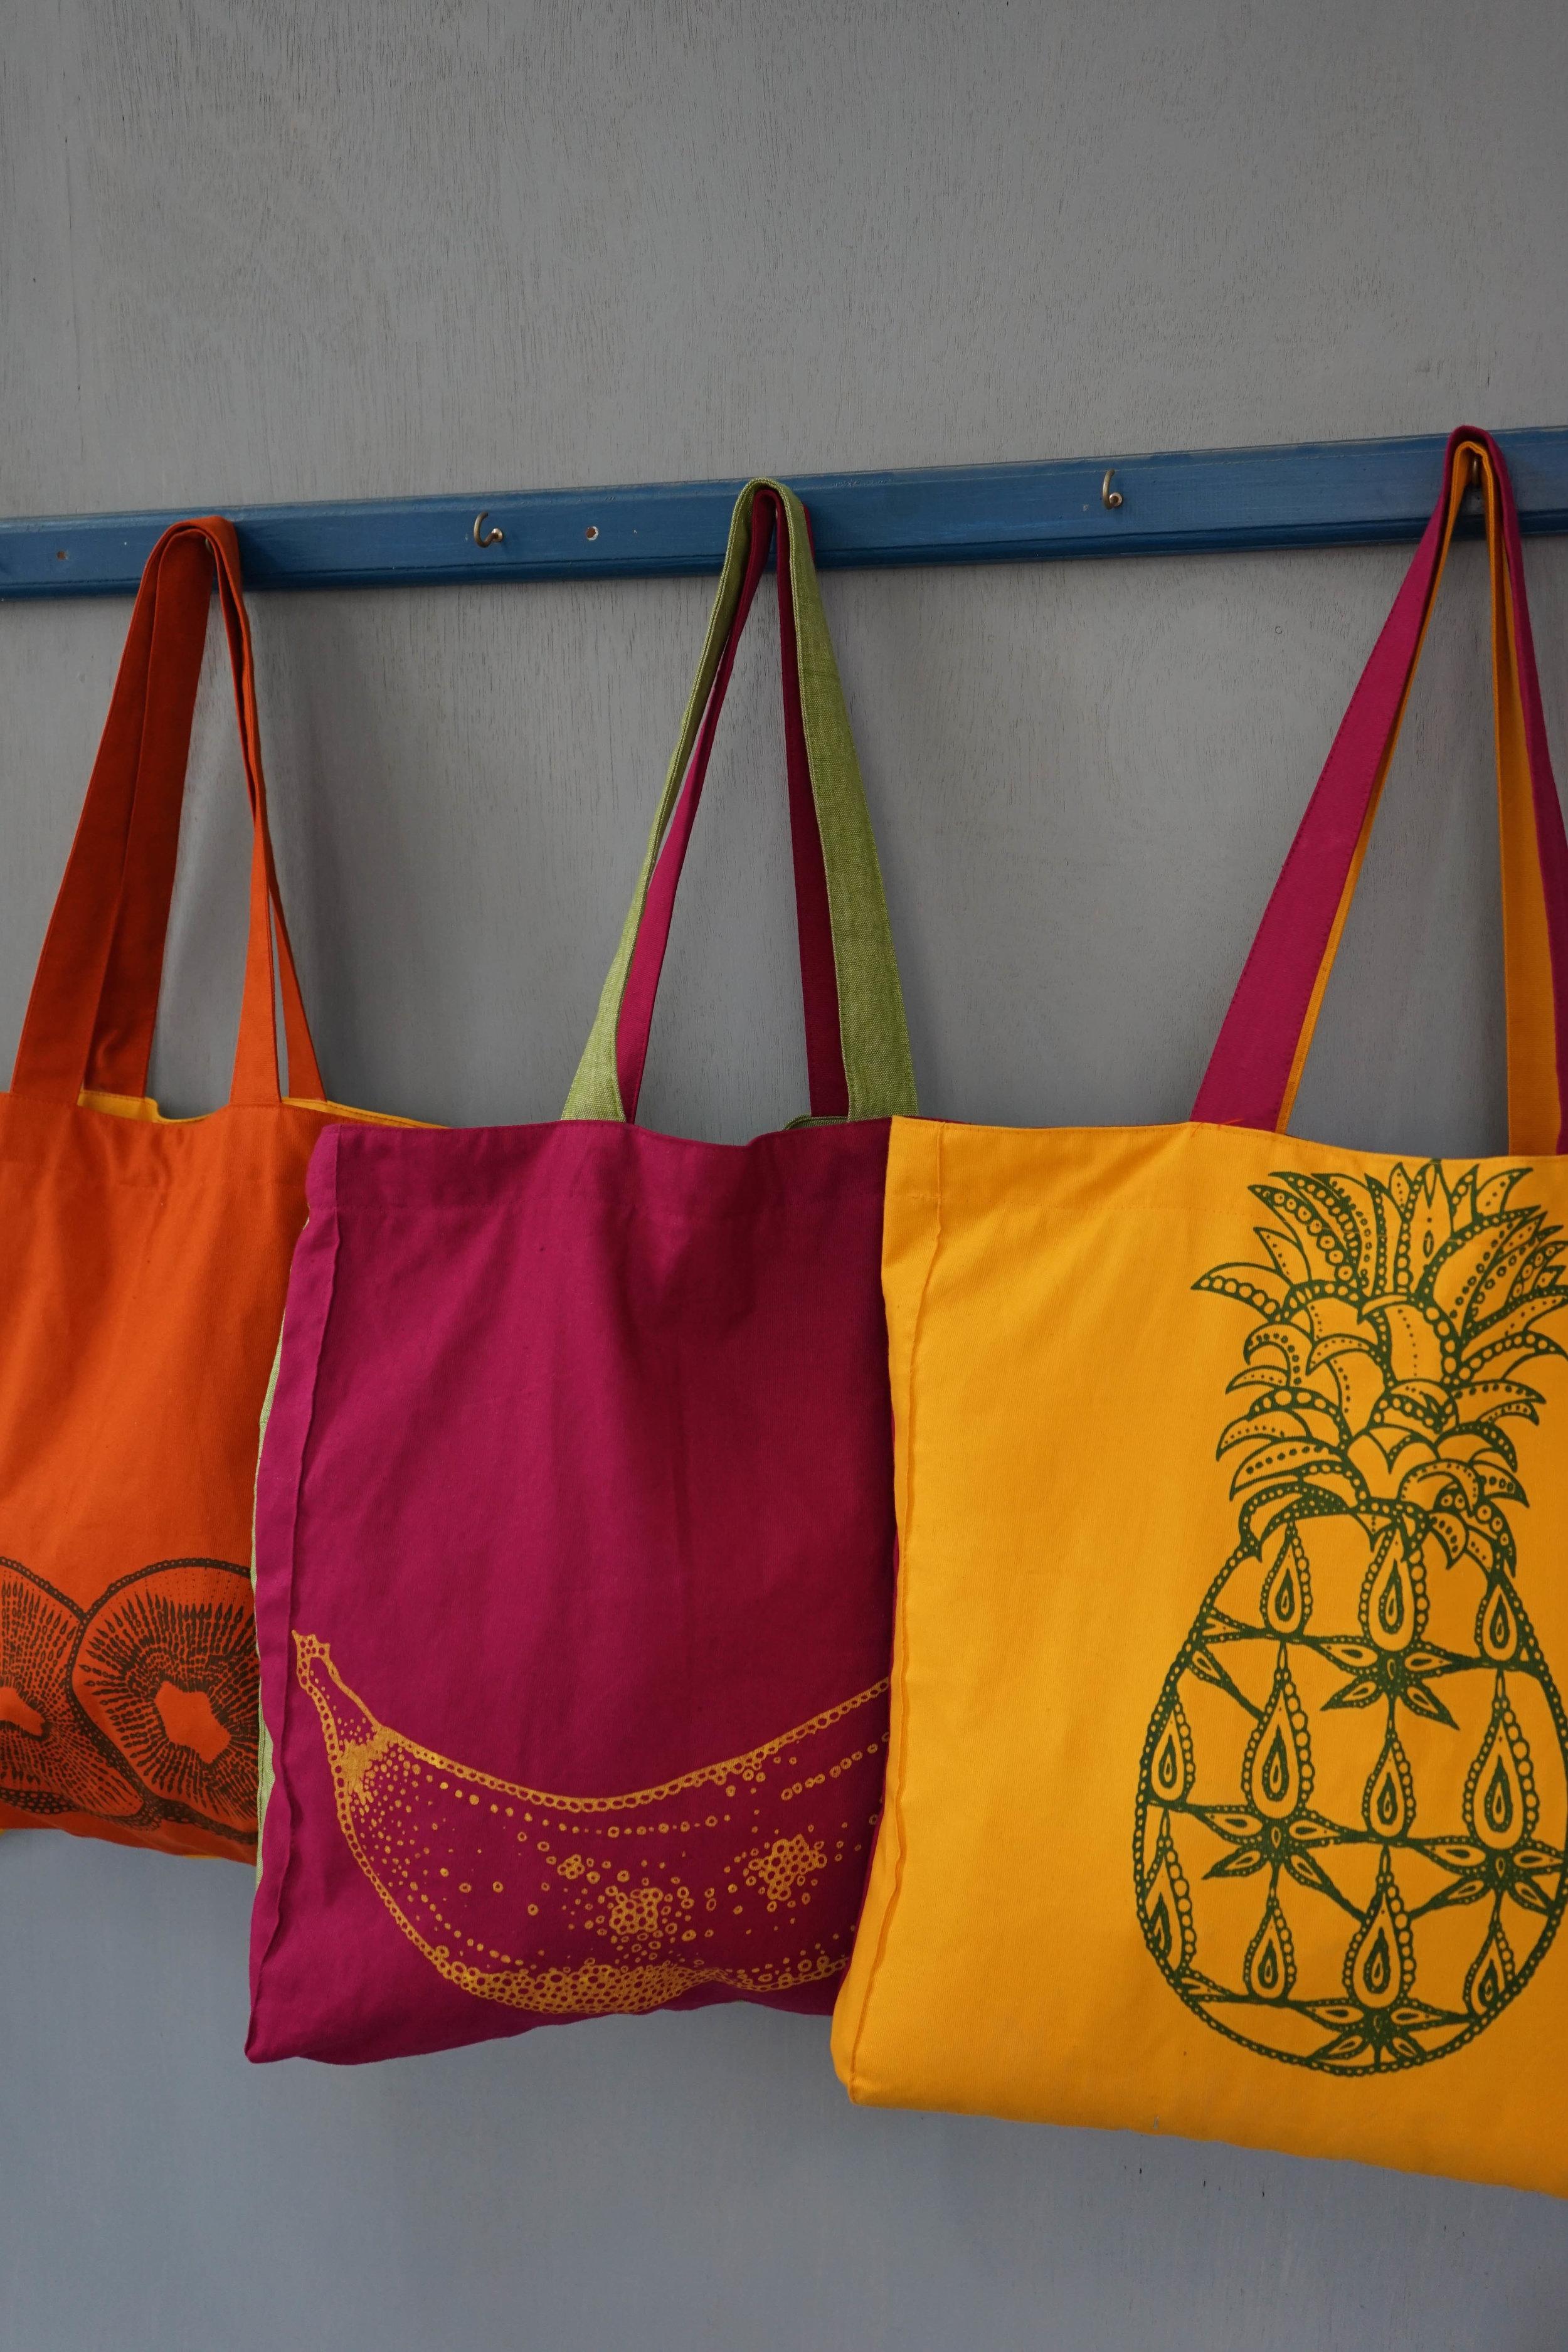 bags (1 of 1).jpg